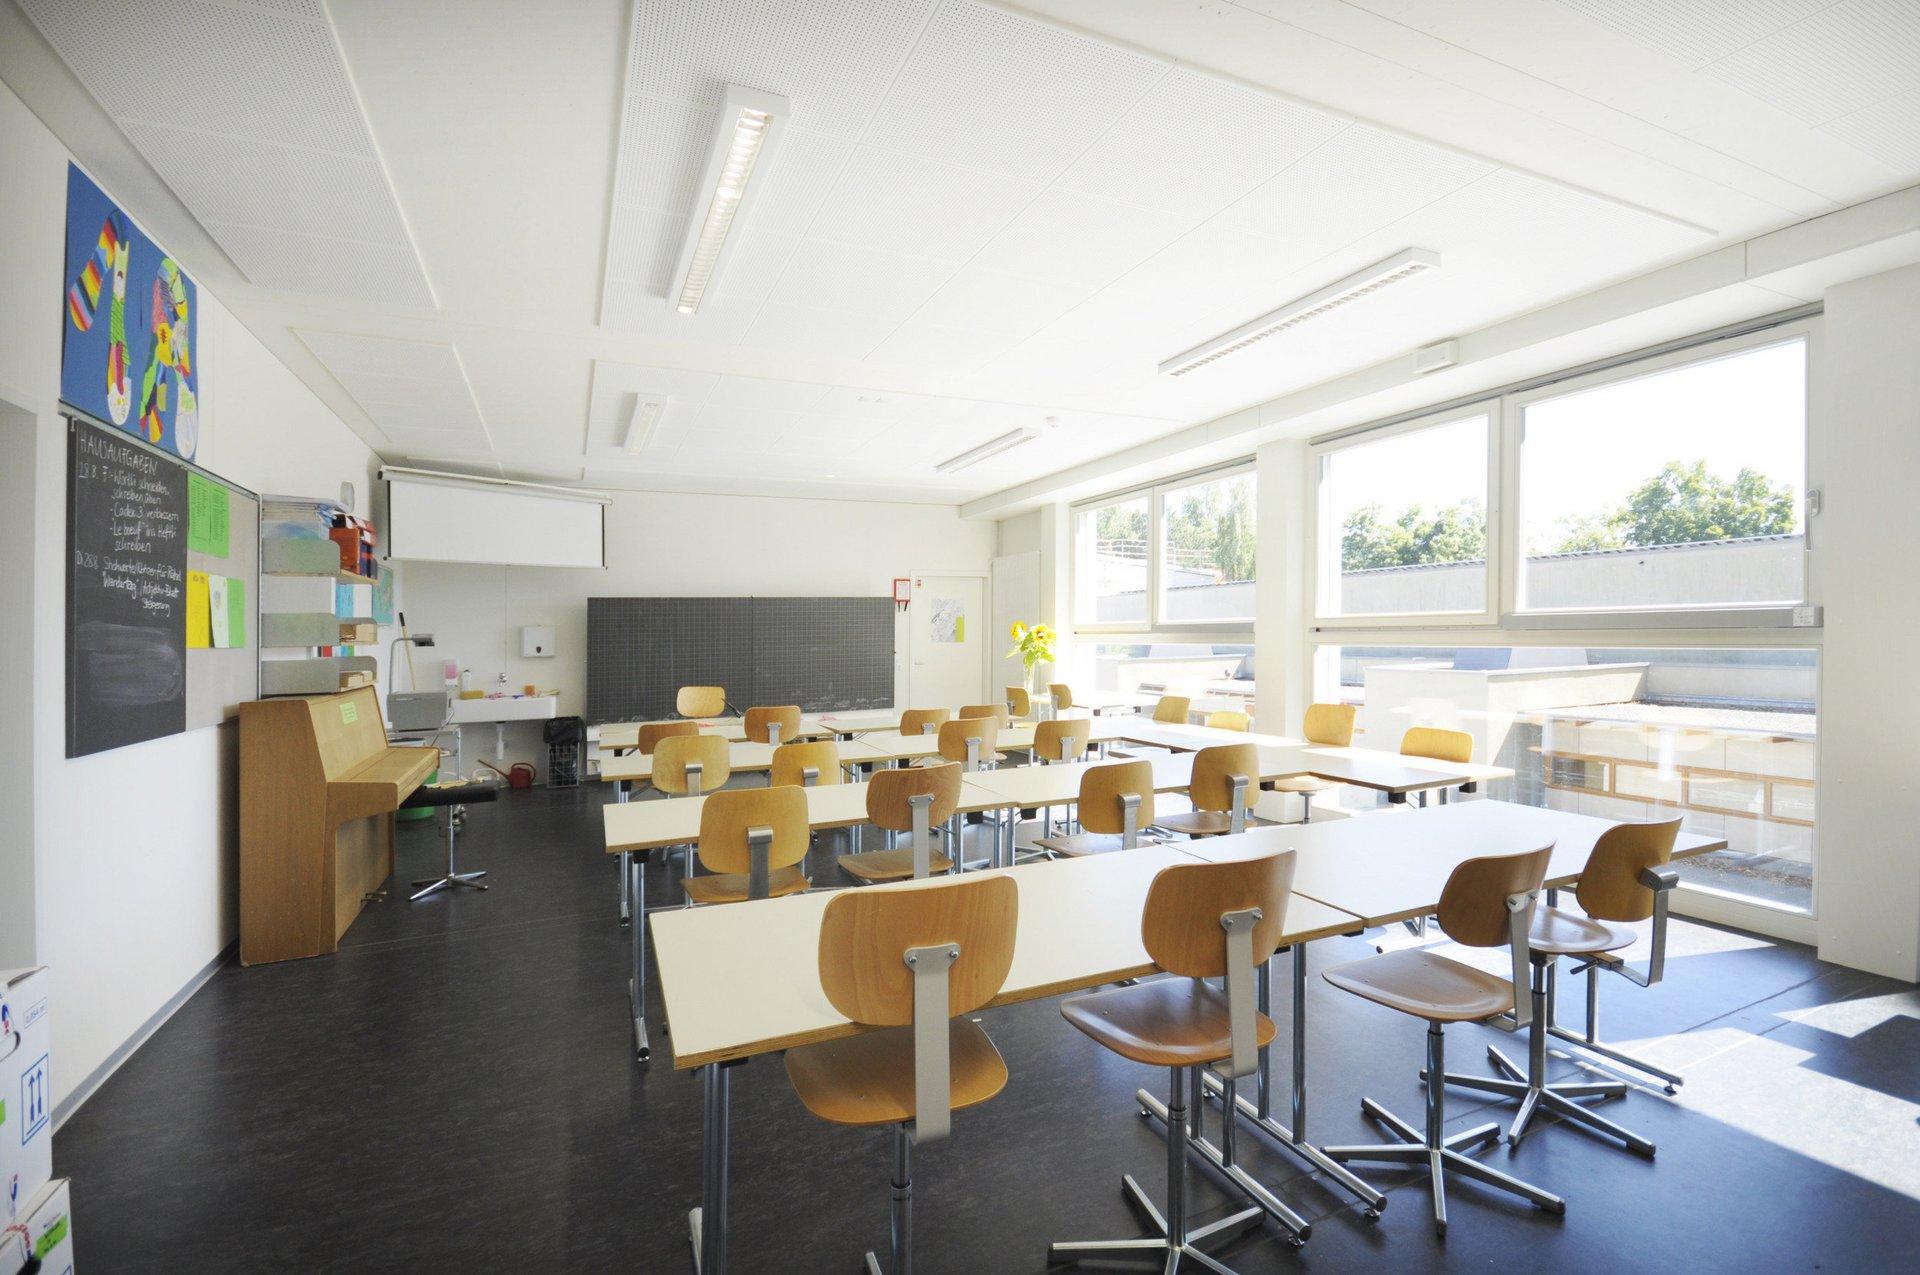 Lichtdurchflutetes Klassenzimmer mit grossen Sprossenfenster